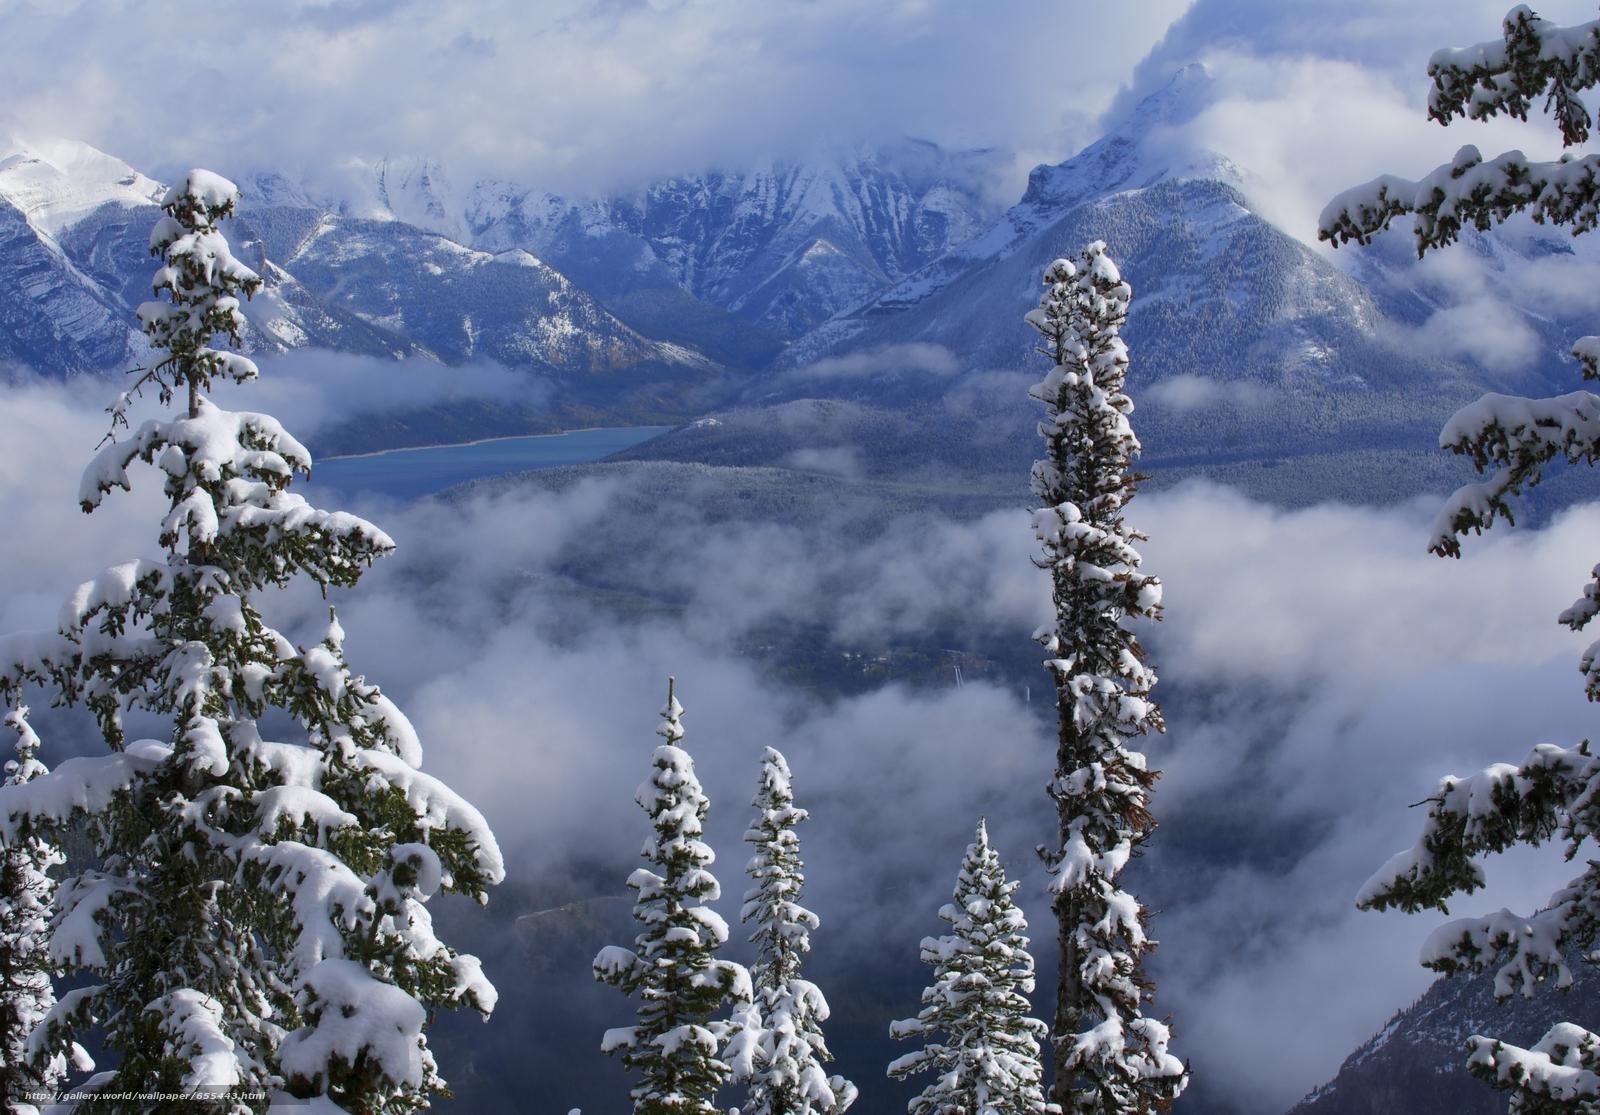 Скачать обои Lake Minnewanka,  Canadian Rockies,  Banff National Park,  Alberta бесплатно для рабочего стола в разрешении 5633x3927 — картинка №655443